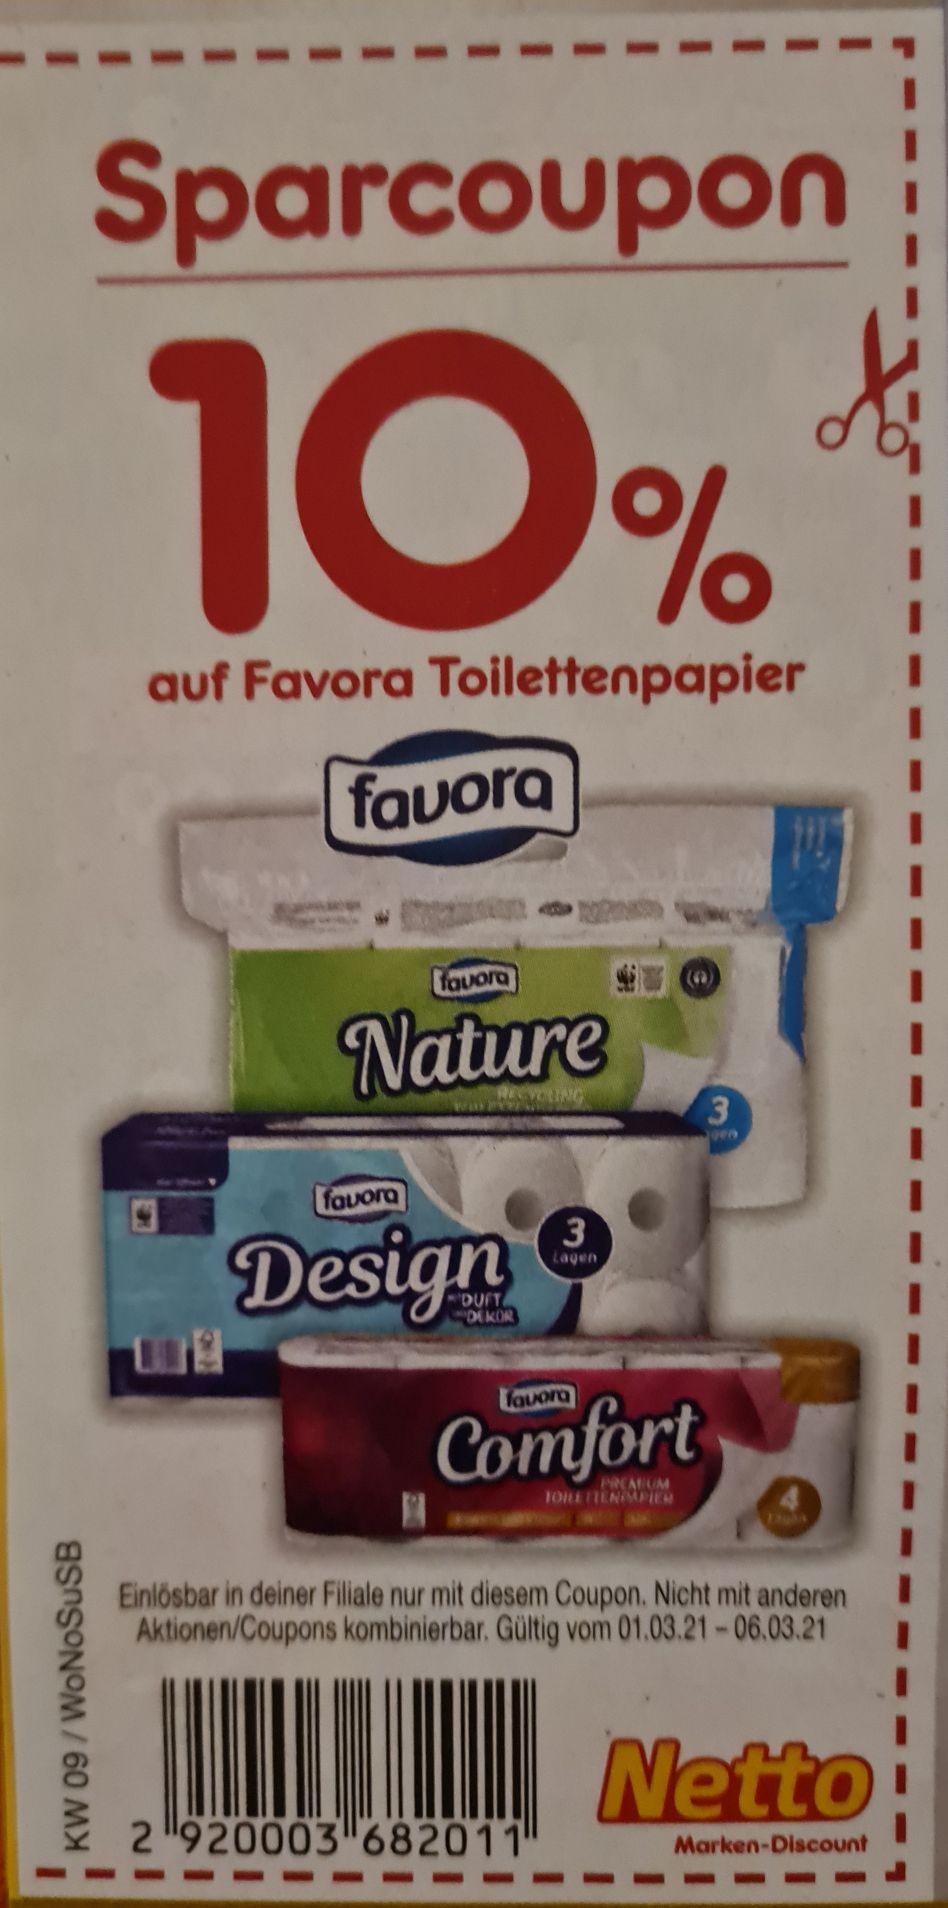 10% auf alle Favora Toilettenpapier ab 01.03 Netto